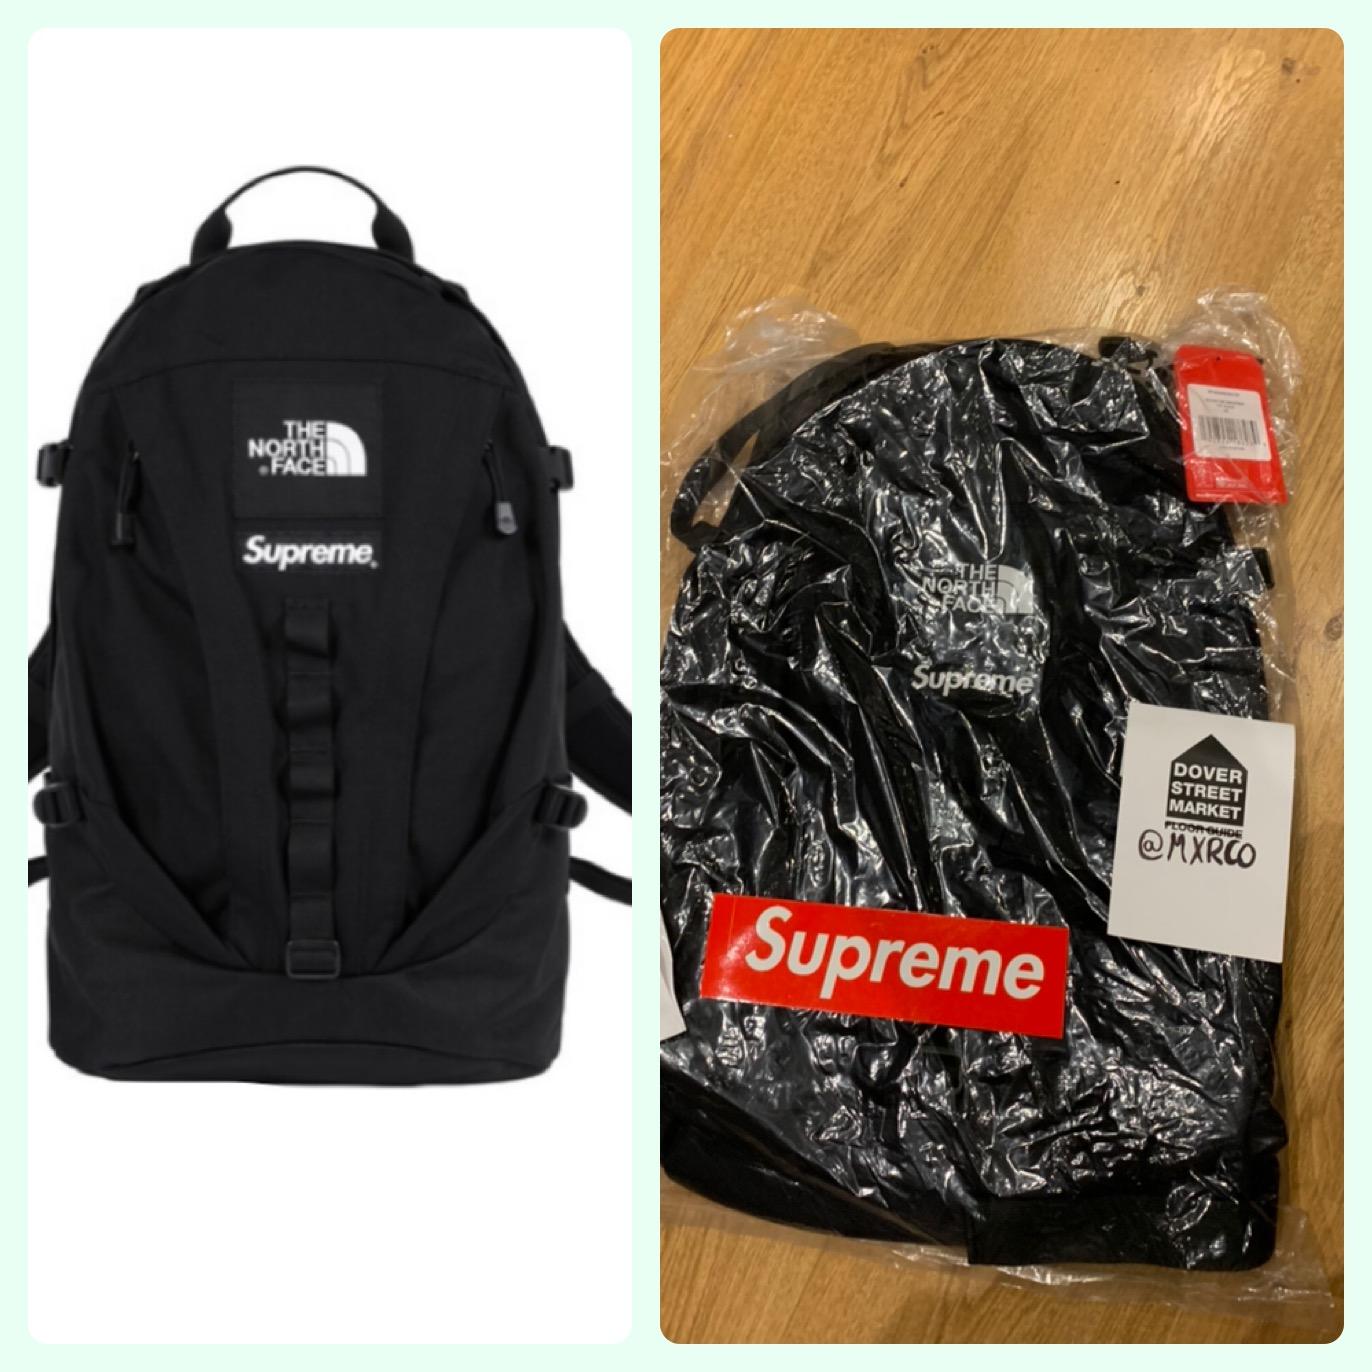 022e638835f Supreme Supreme X The North Face Tnf Backpack Black